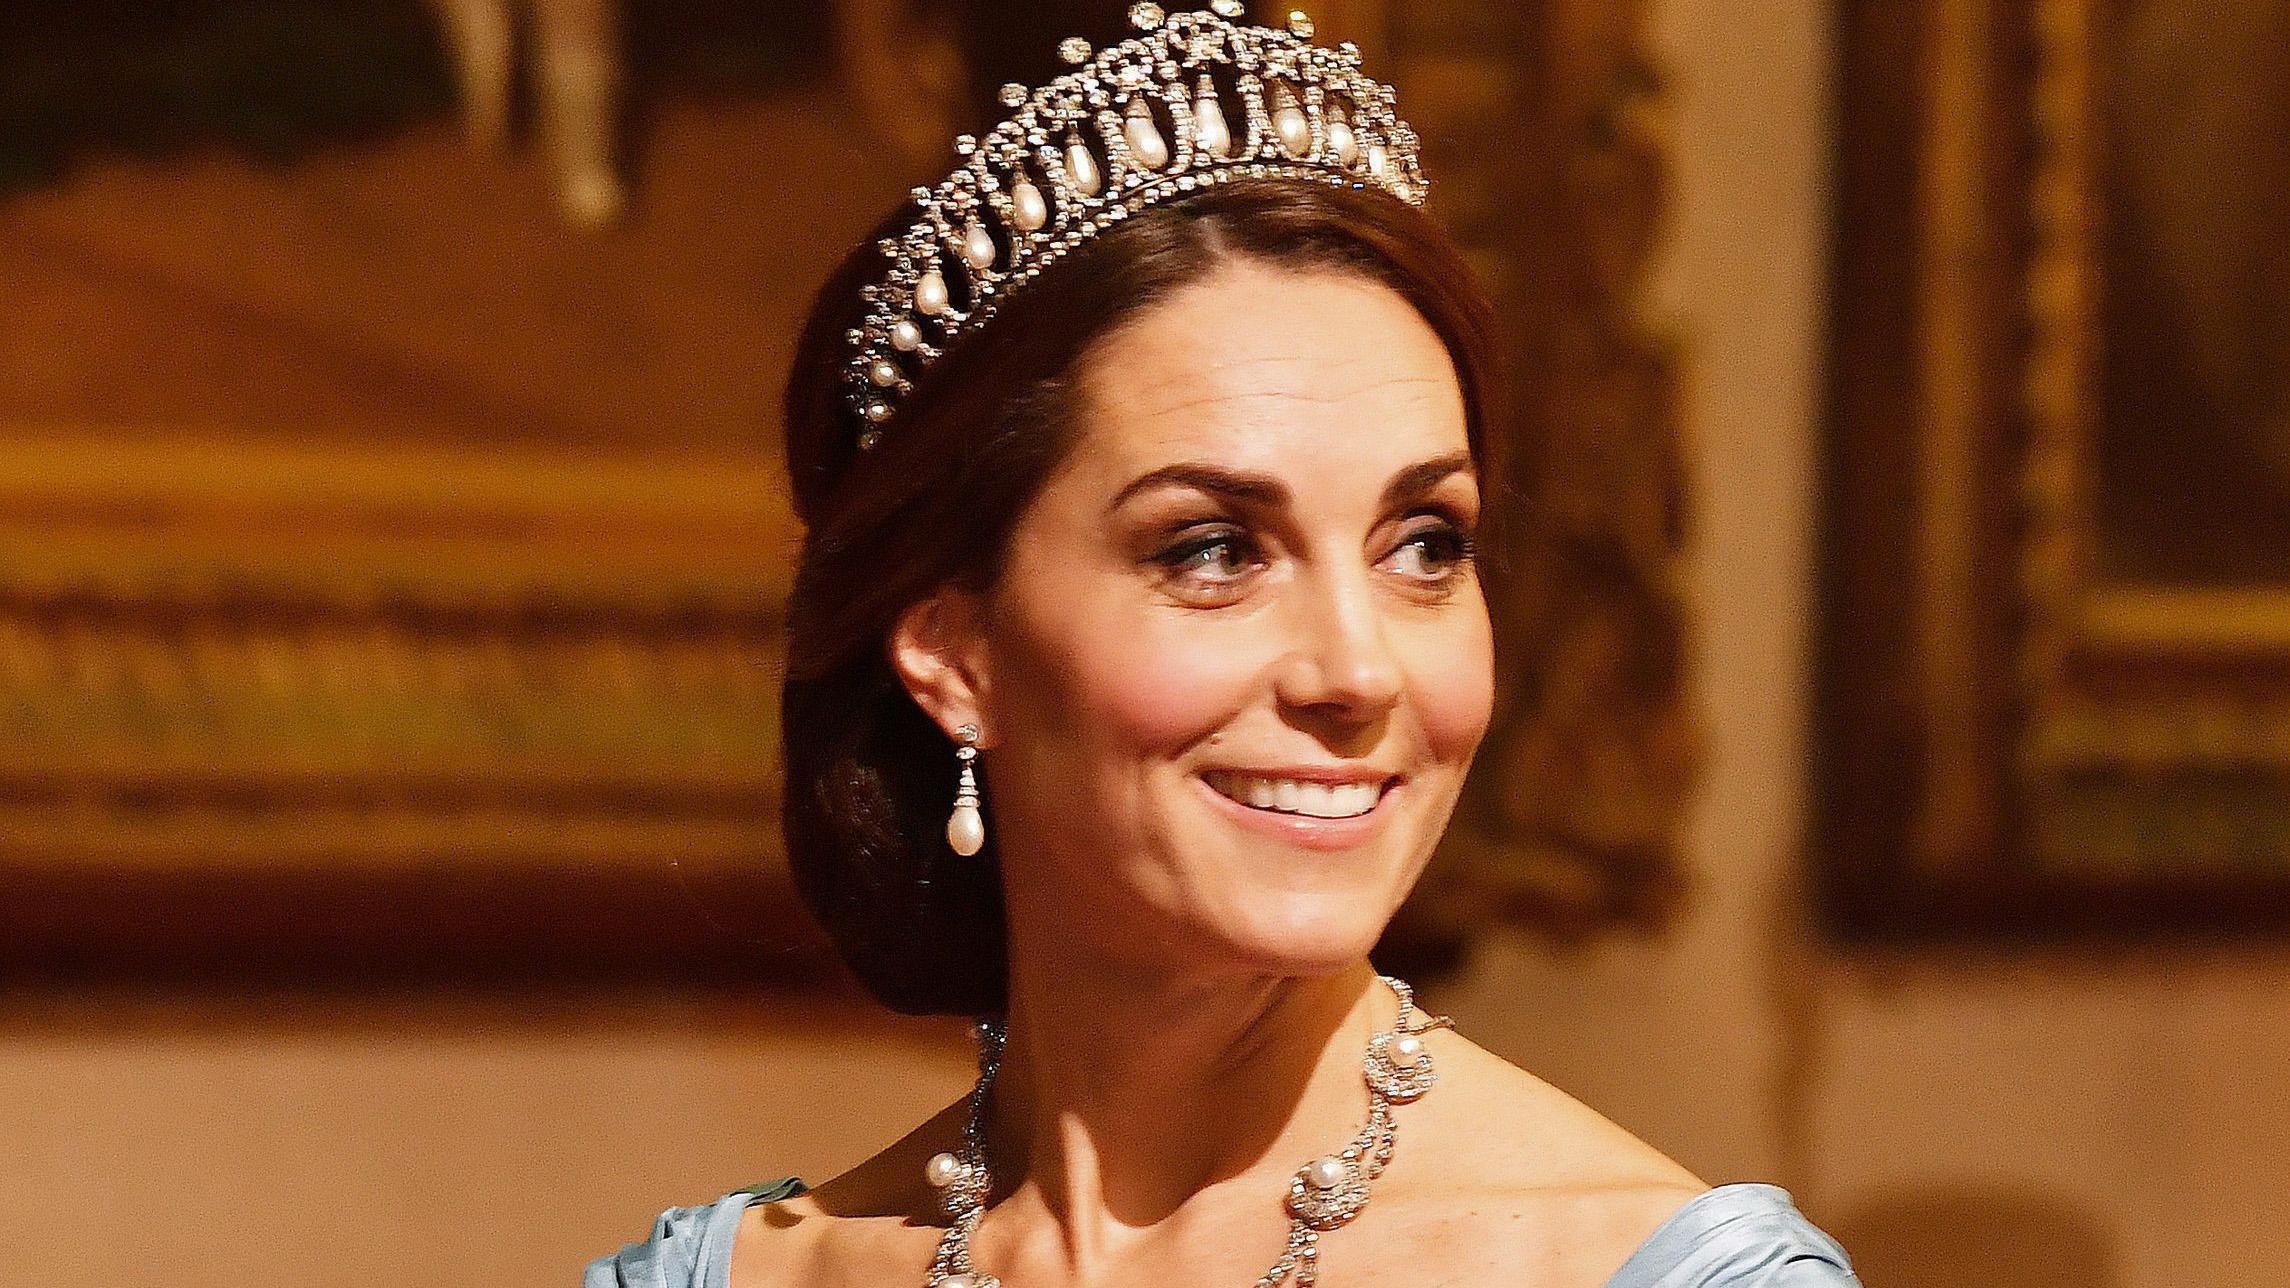 Kate Middleton Wows In Princess Dianas Lovers Knot Tiara During